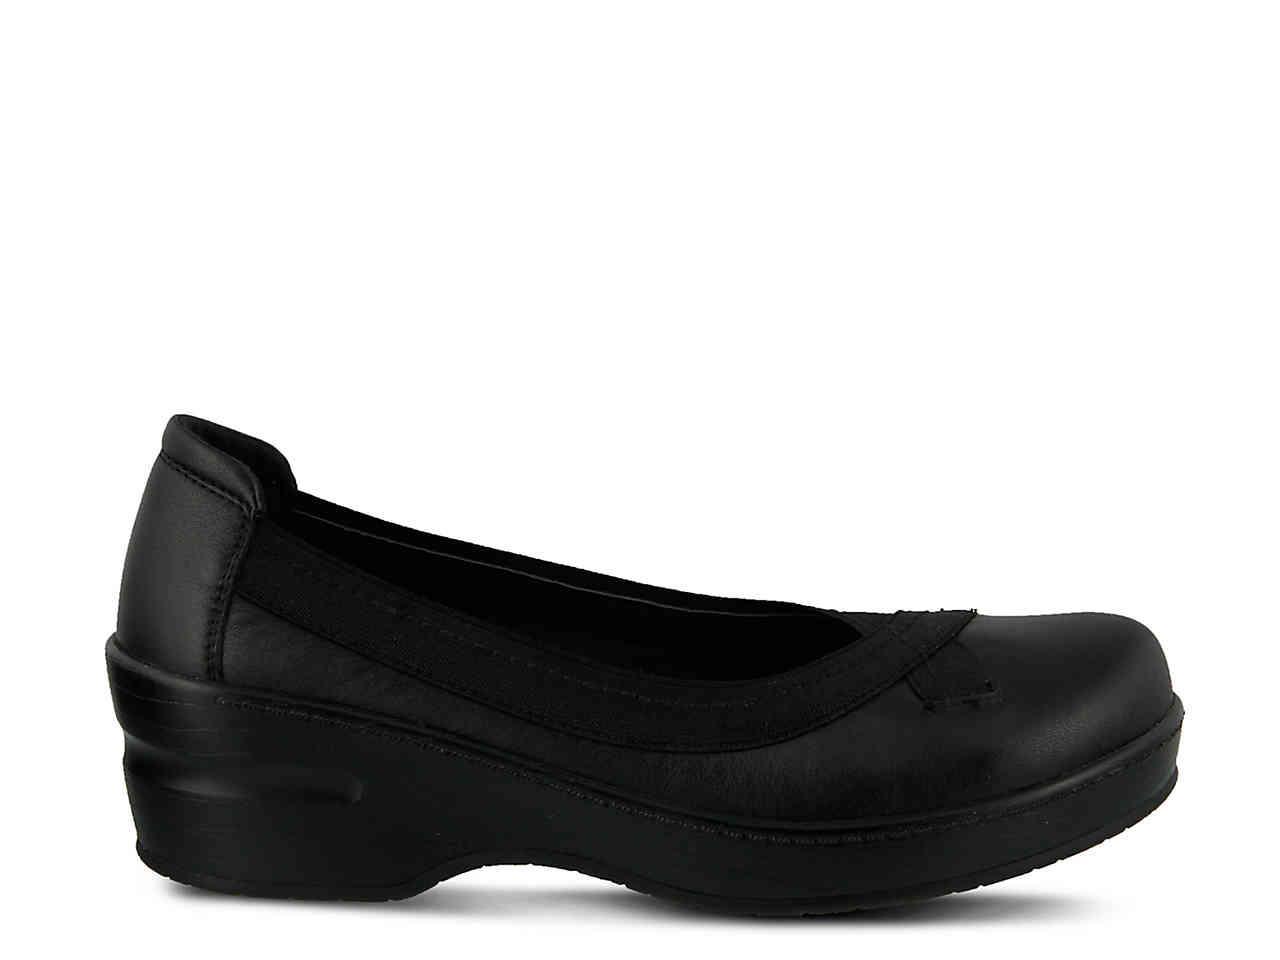 Spring Step Belabank Slip-On Loafer 2n8ii